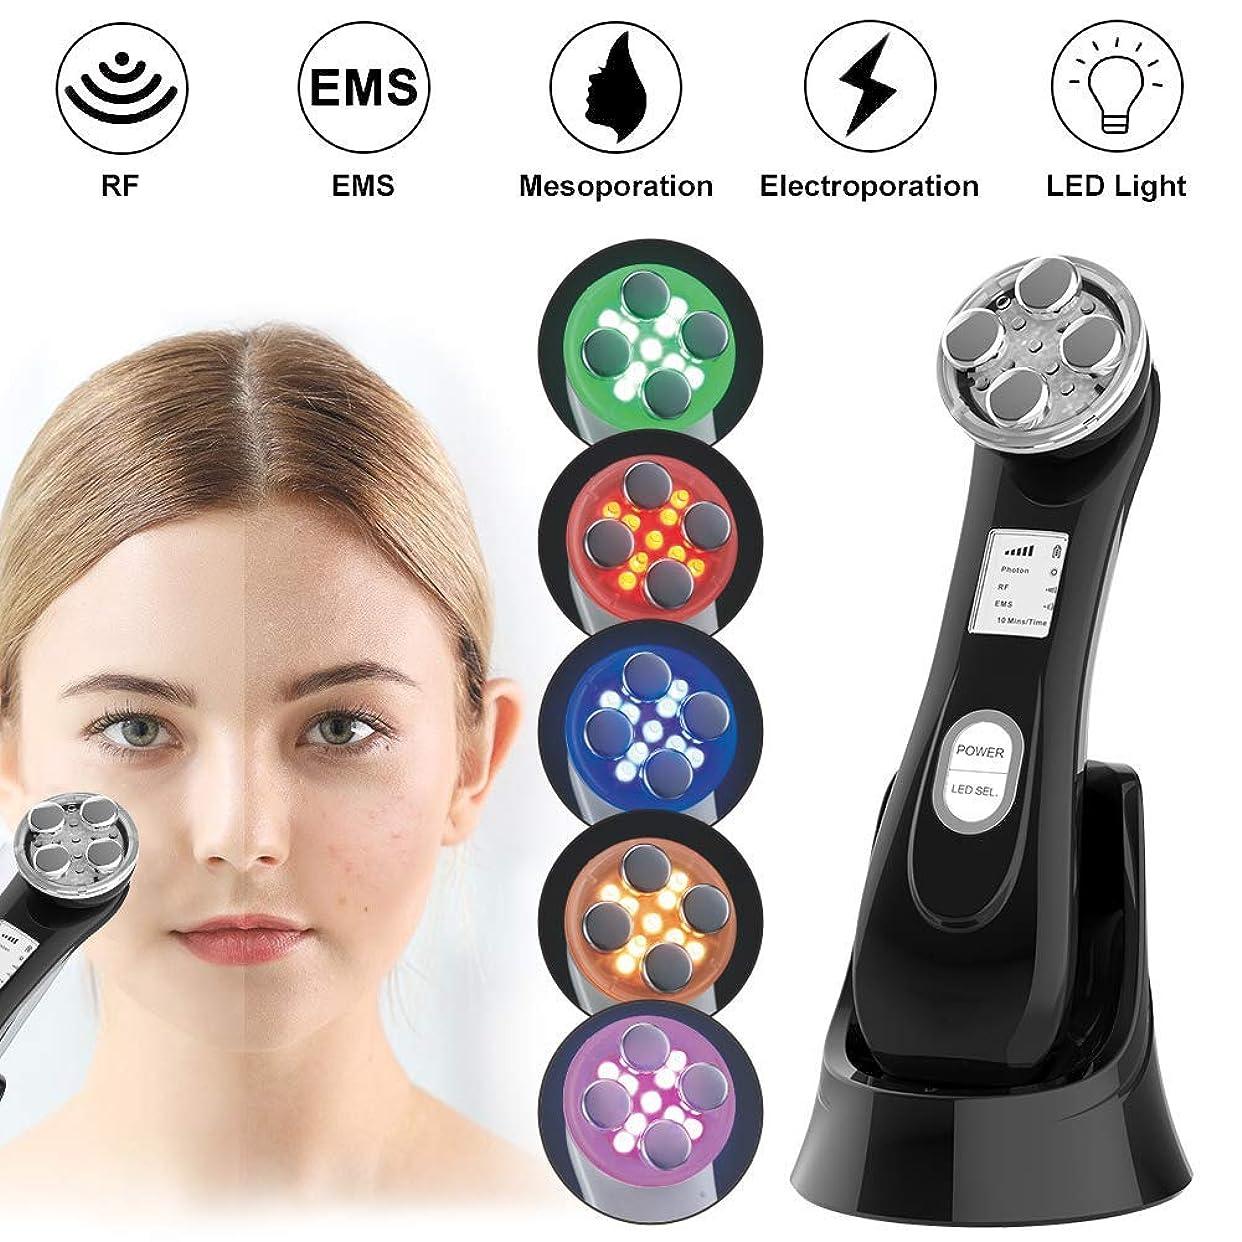 摂氏絶滅した頭痛肌の引き締め機、しわ除去機、6 in 1 RF美容アンチエイジングアンチニキビフェイシャルリフティング美容機高周波USB充電式EMS超音波LEDフェイシャルフォトンフェイススキンケア